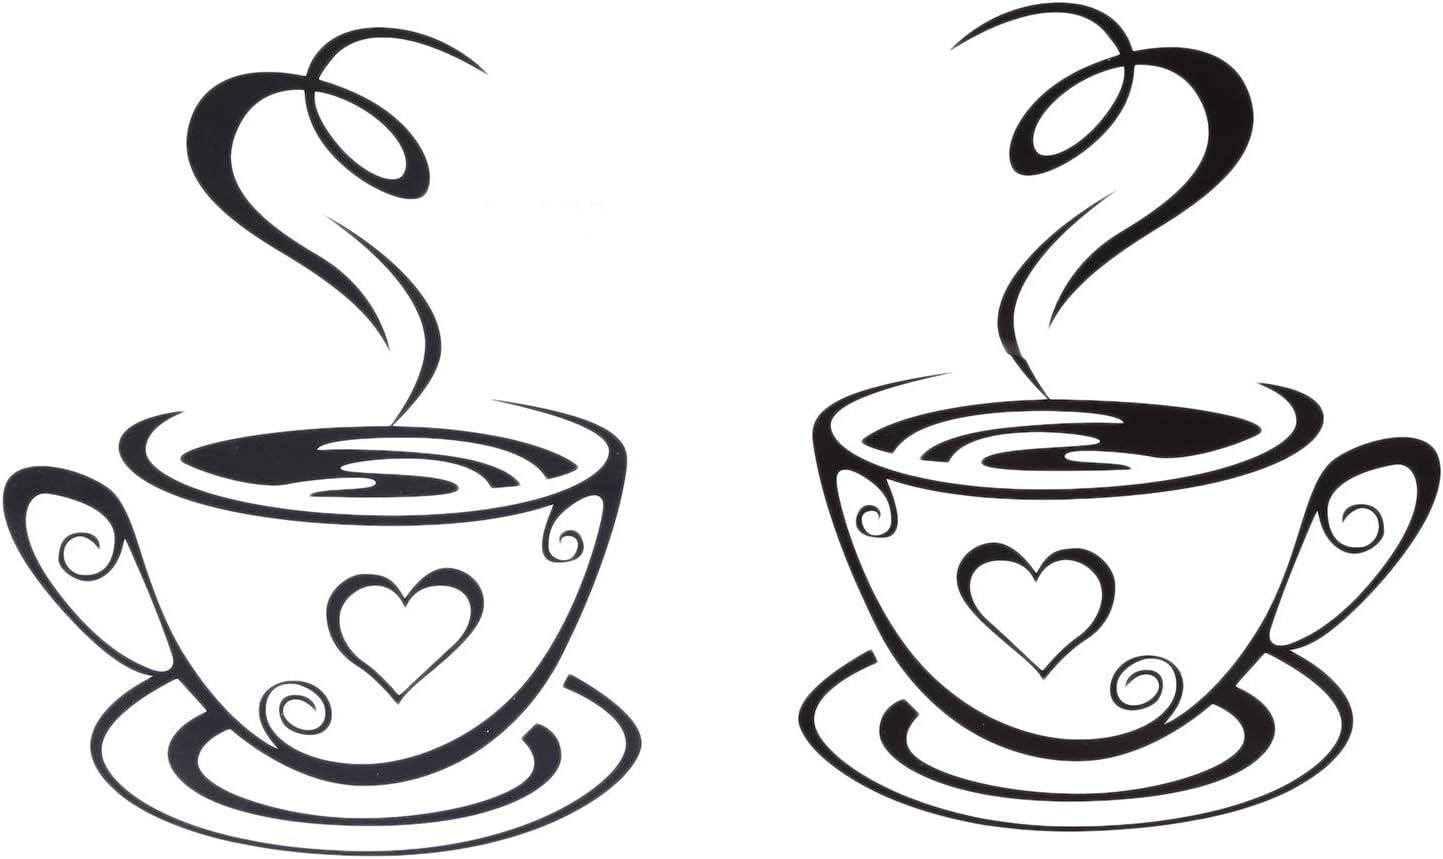 TaoToa Black Tazas de Café Arte de La Pared Pegatinas PVC Etiqueta Engomada del Café Decoración de Calcomanías para Cocina Café Restaurante DIY